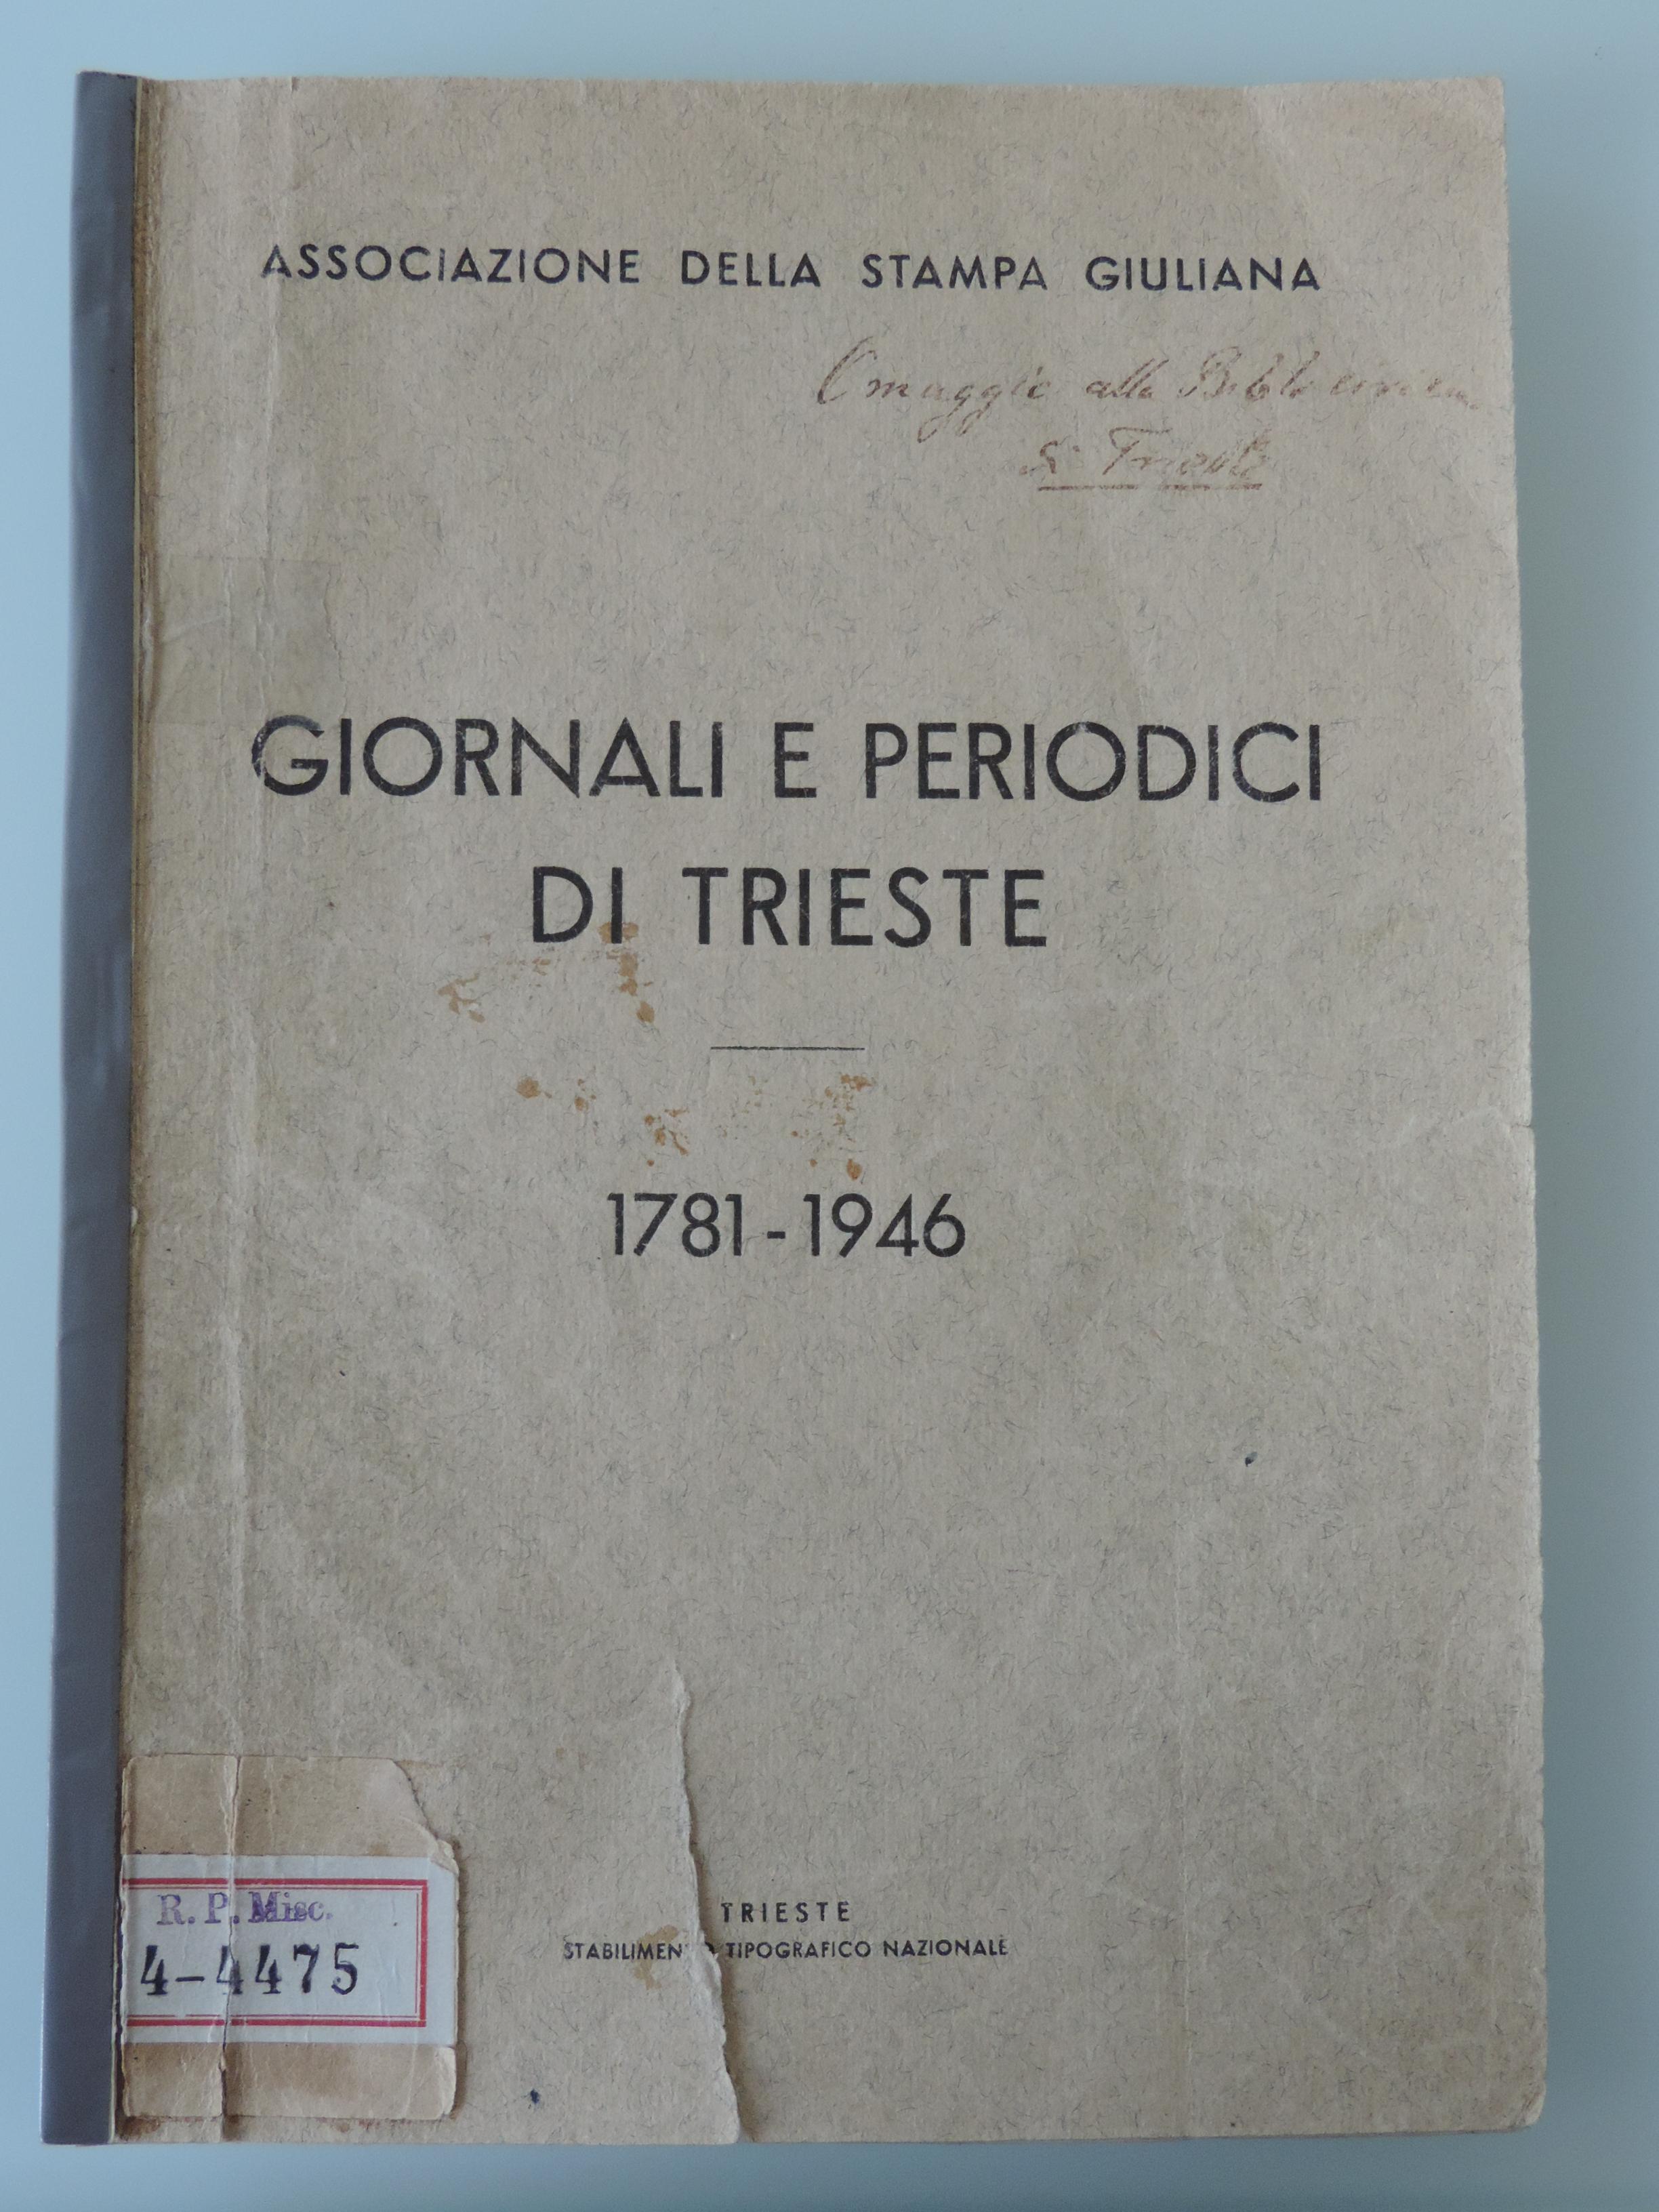 DSCN6953